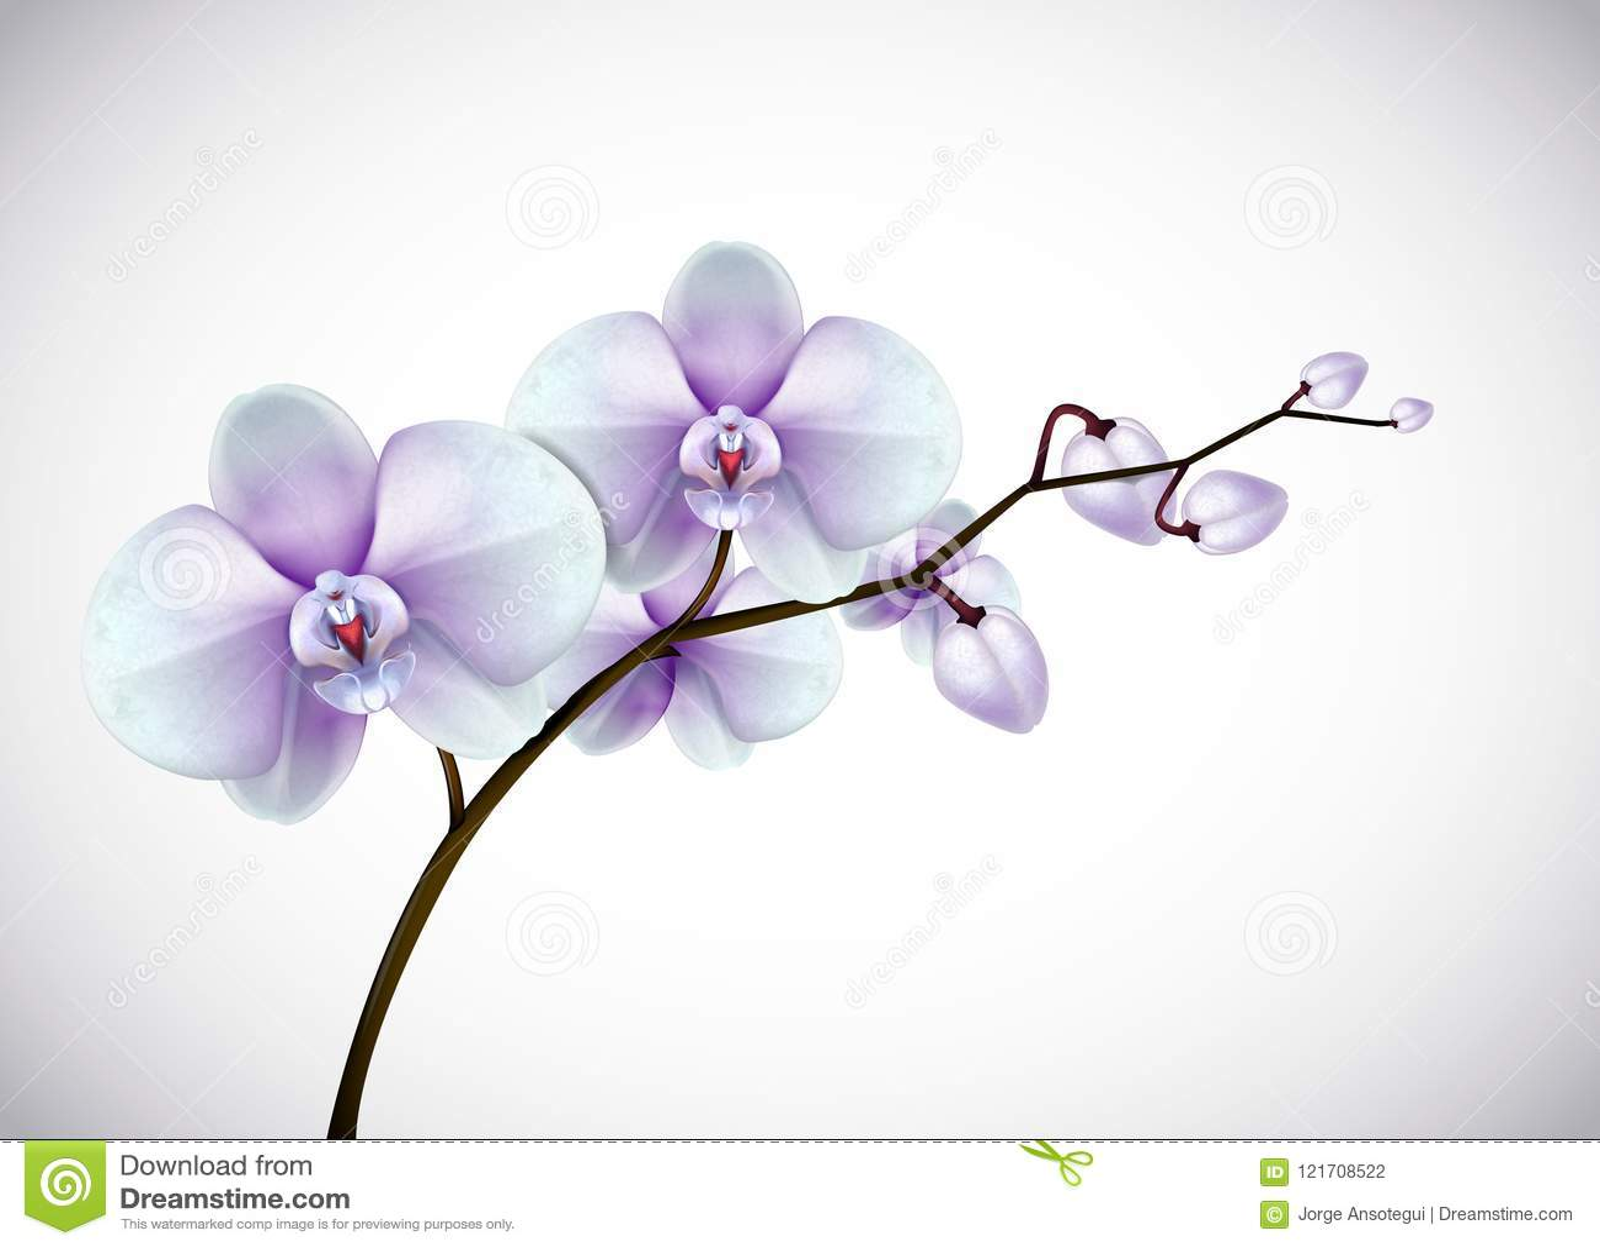 Härliga tre - vita för dag blommar gamla och purpurfärgade orkidér i kli